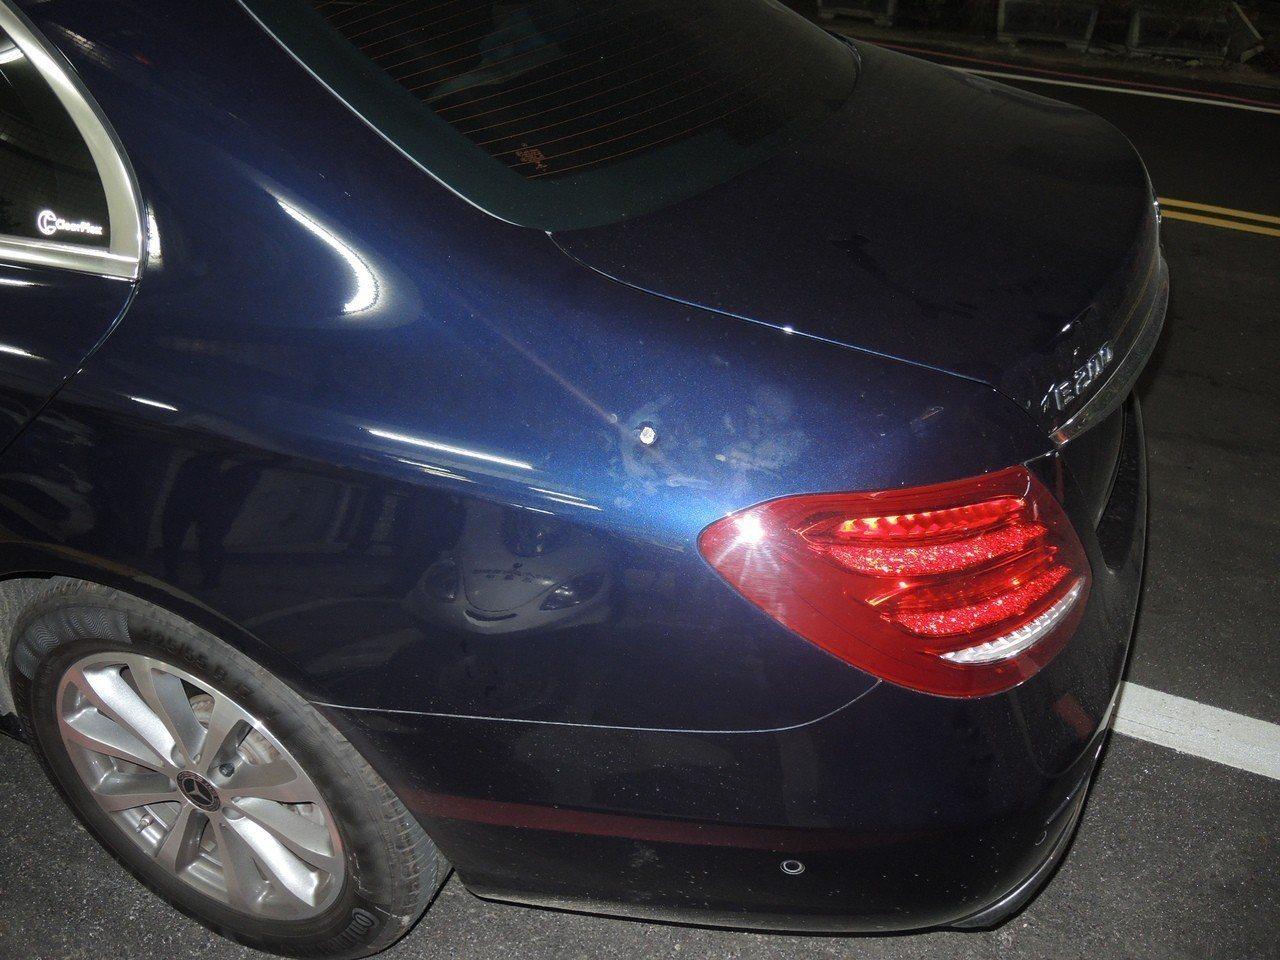 POKI林姓副總所使用的藍色賓士轎車,遭疑似槍擊。記者巫鴻瑋/翻攝